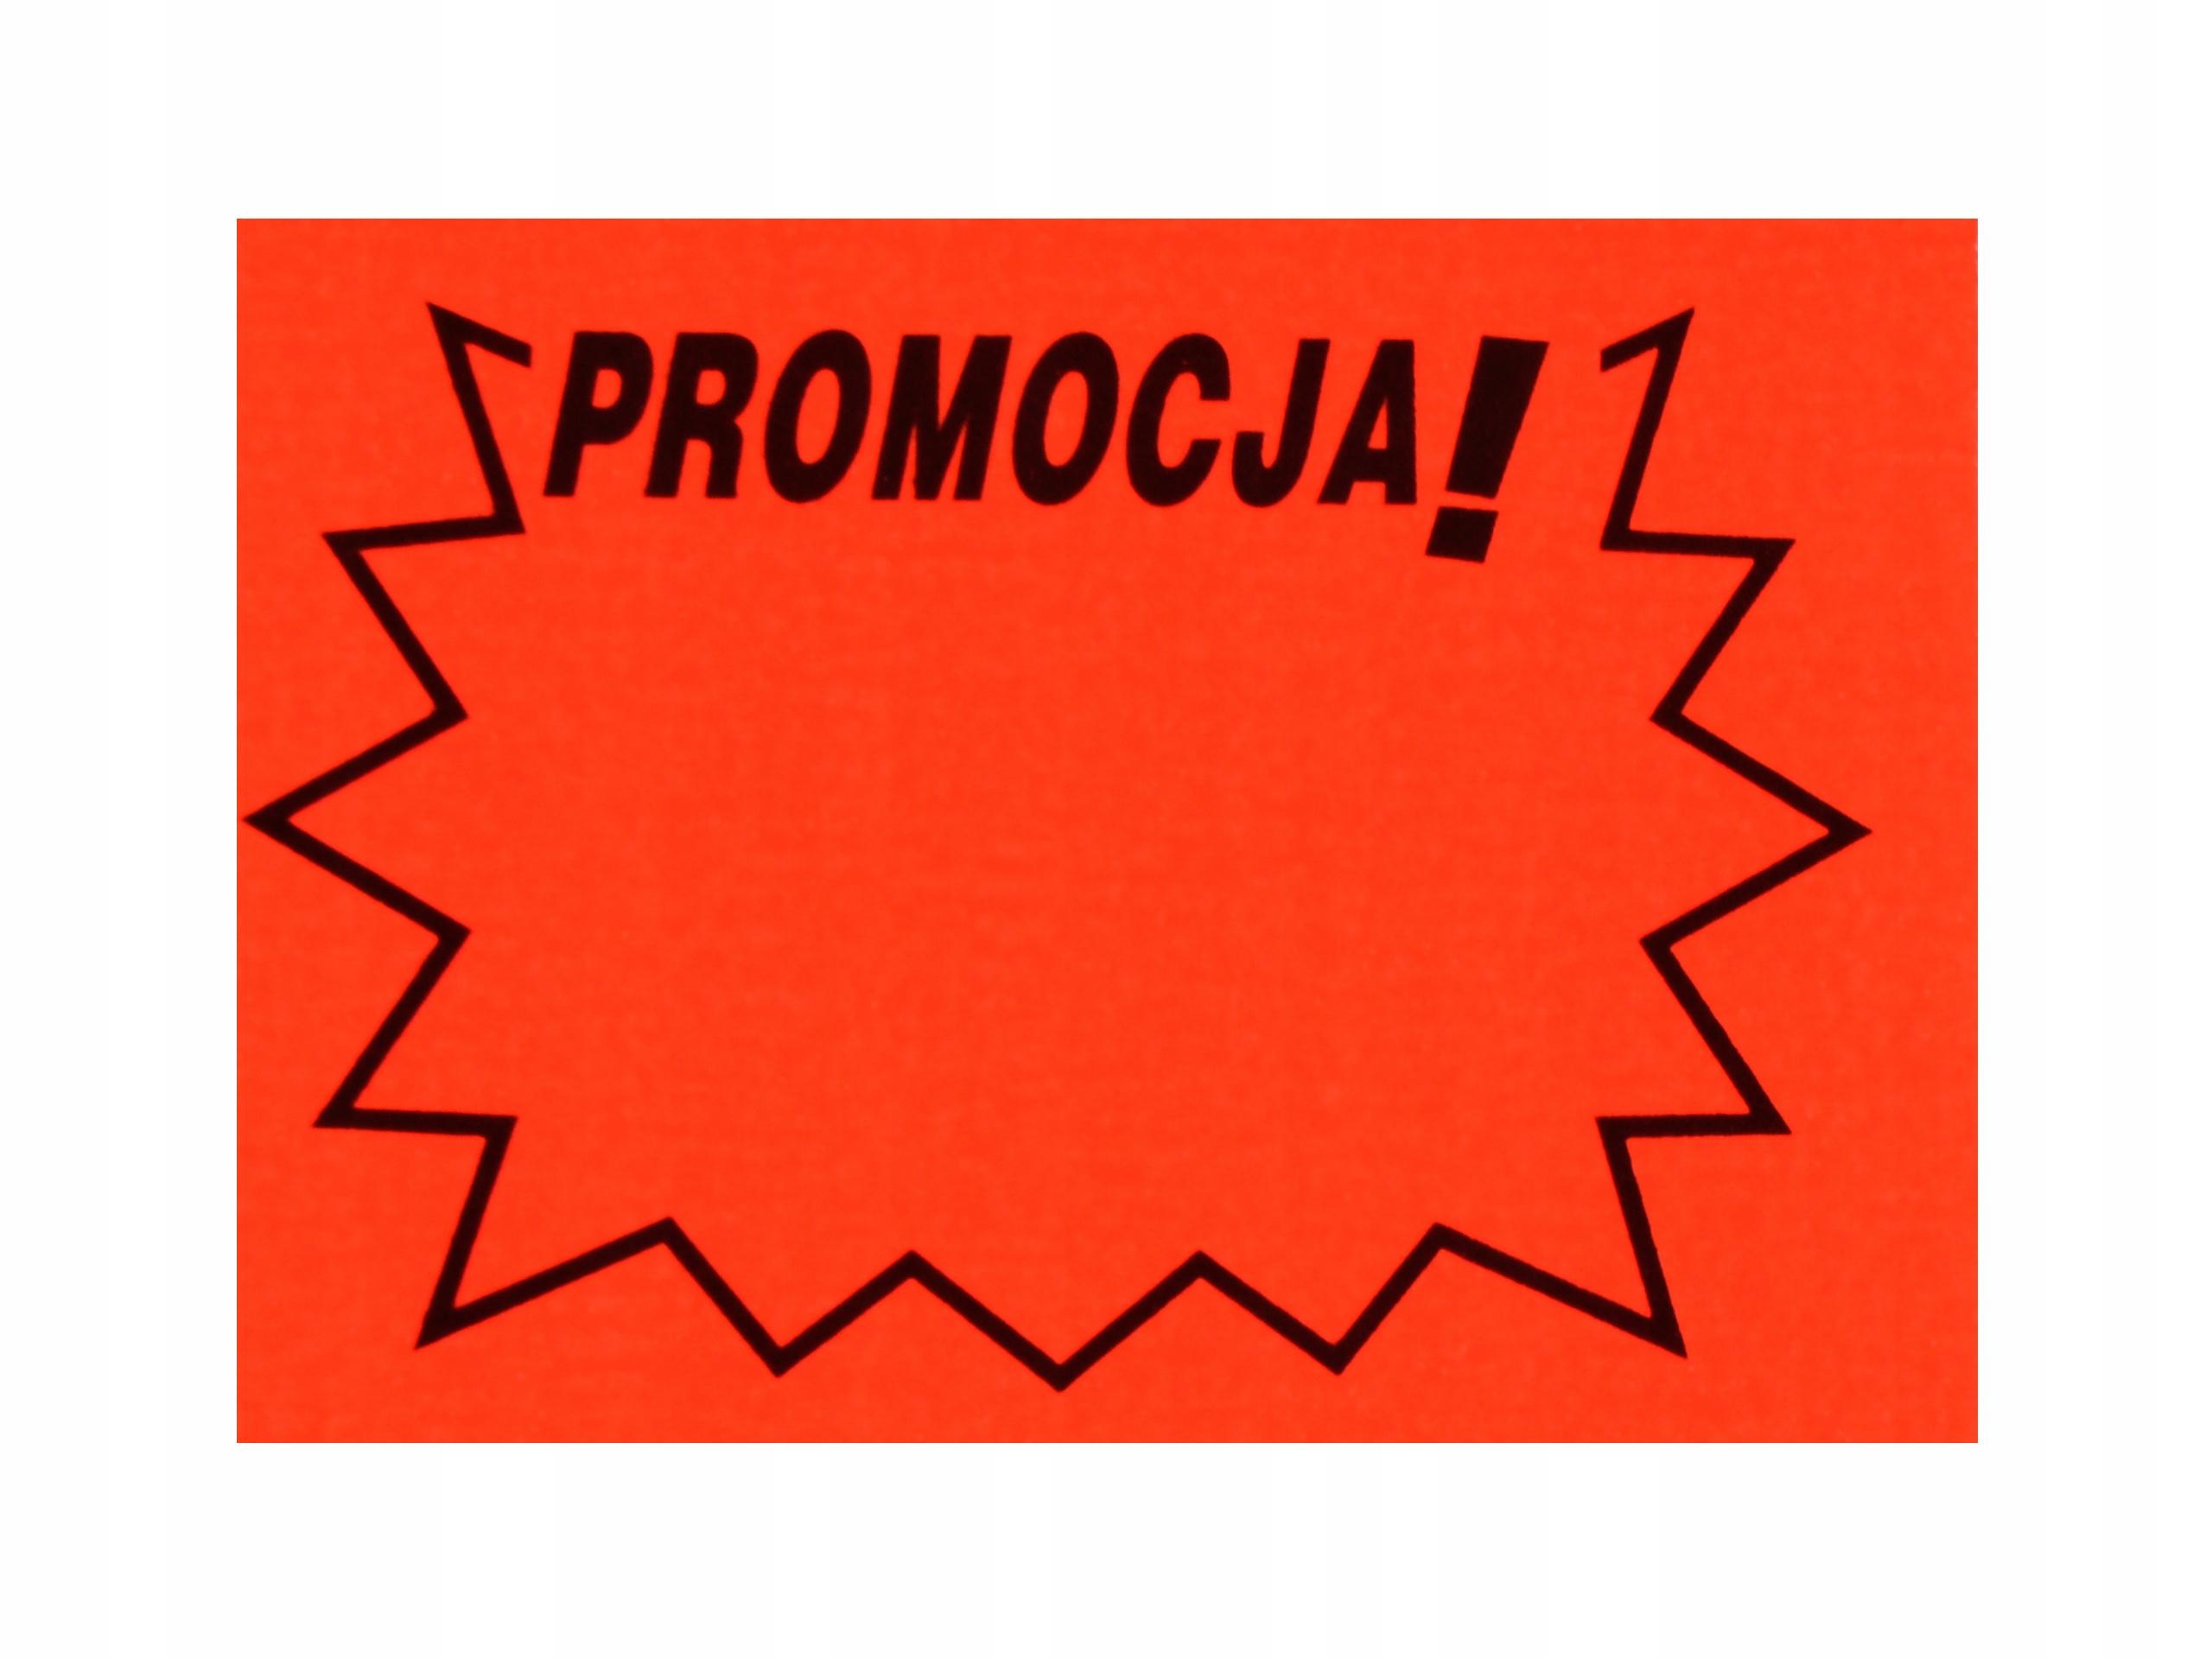 Cena Štítky Cena Cenová značka Promotion 120 ks